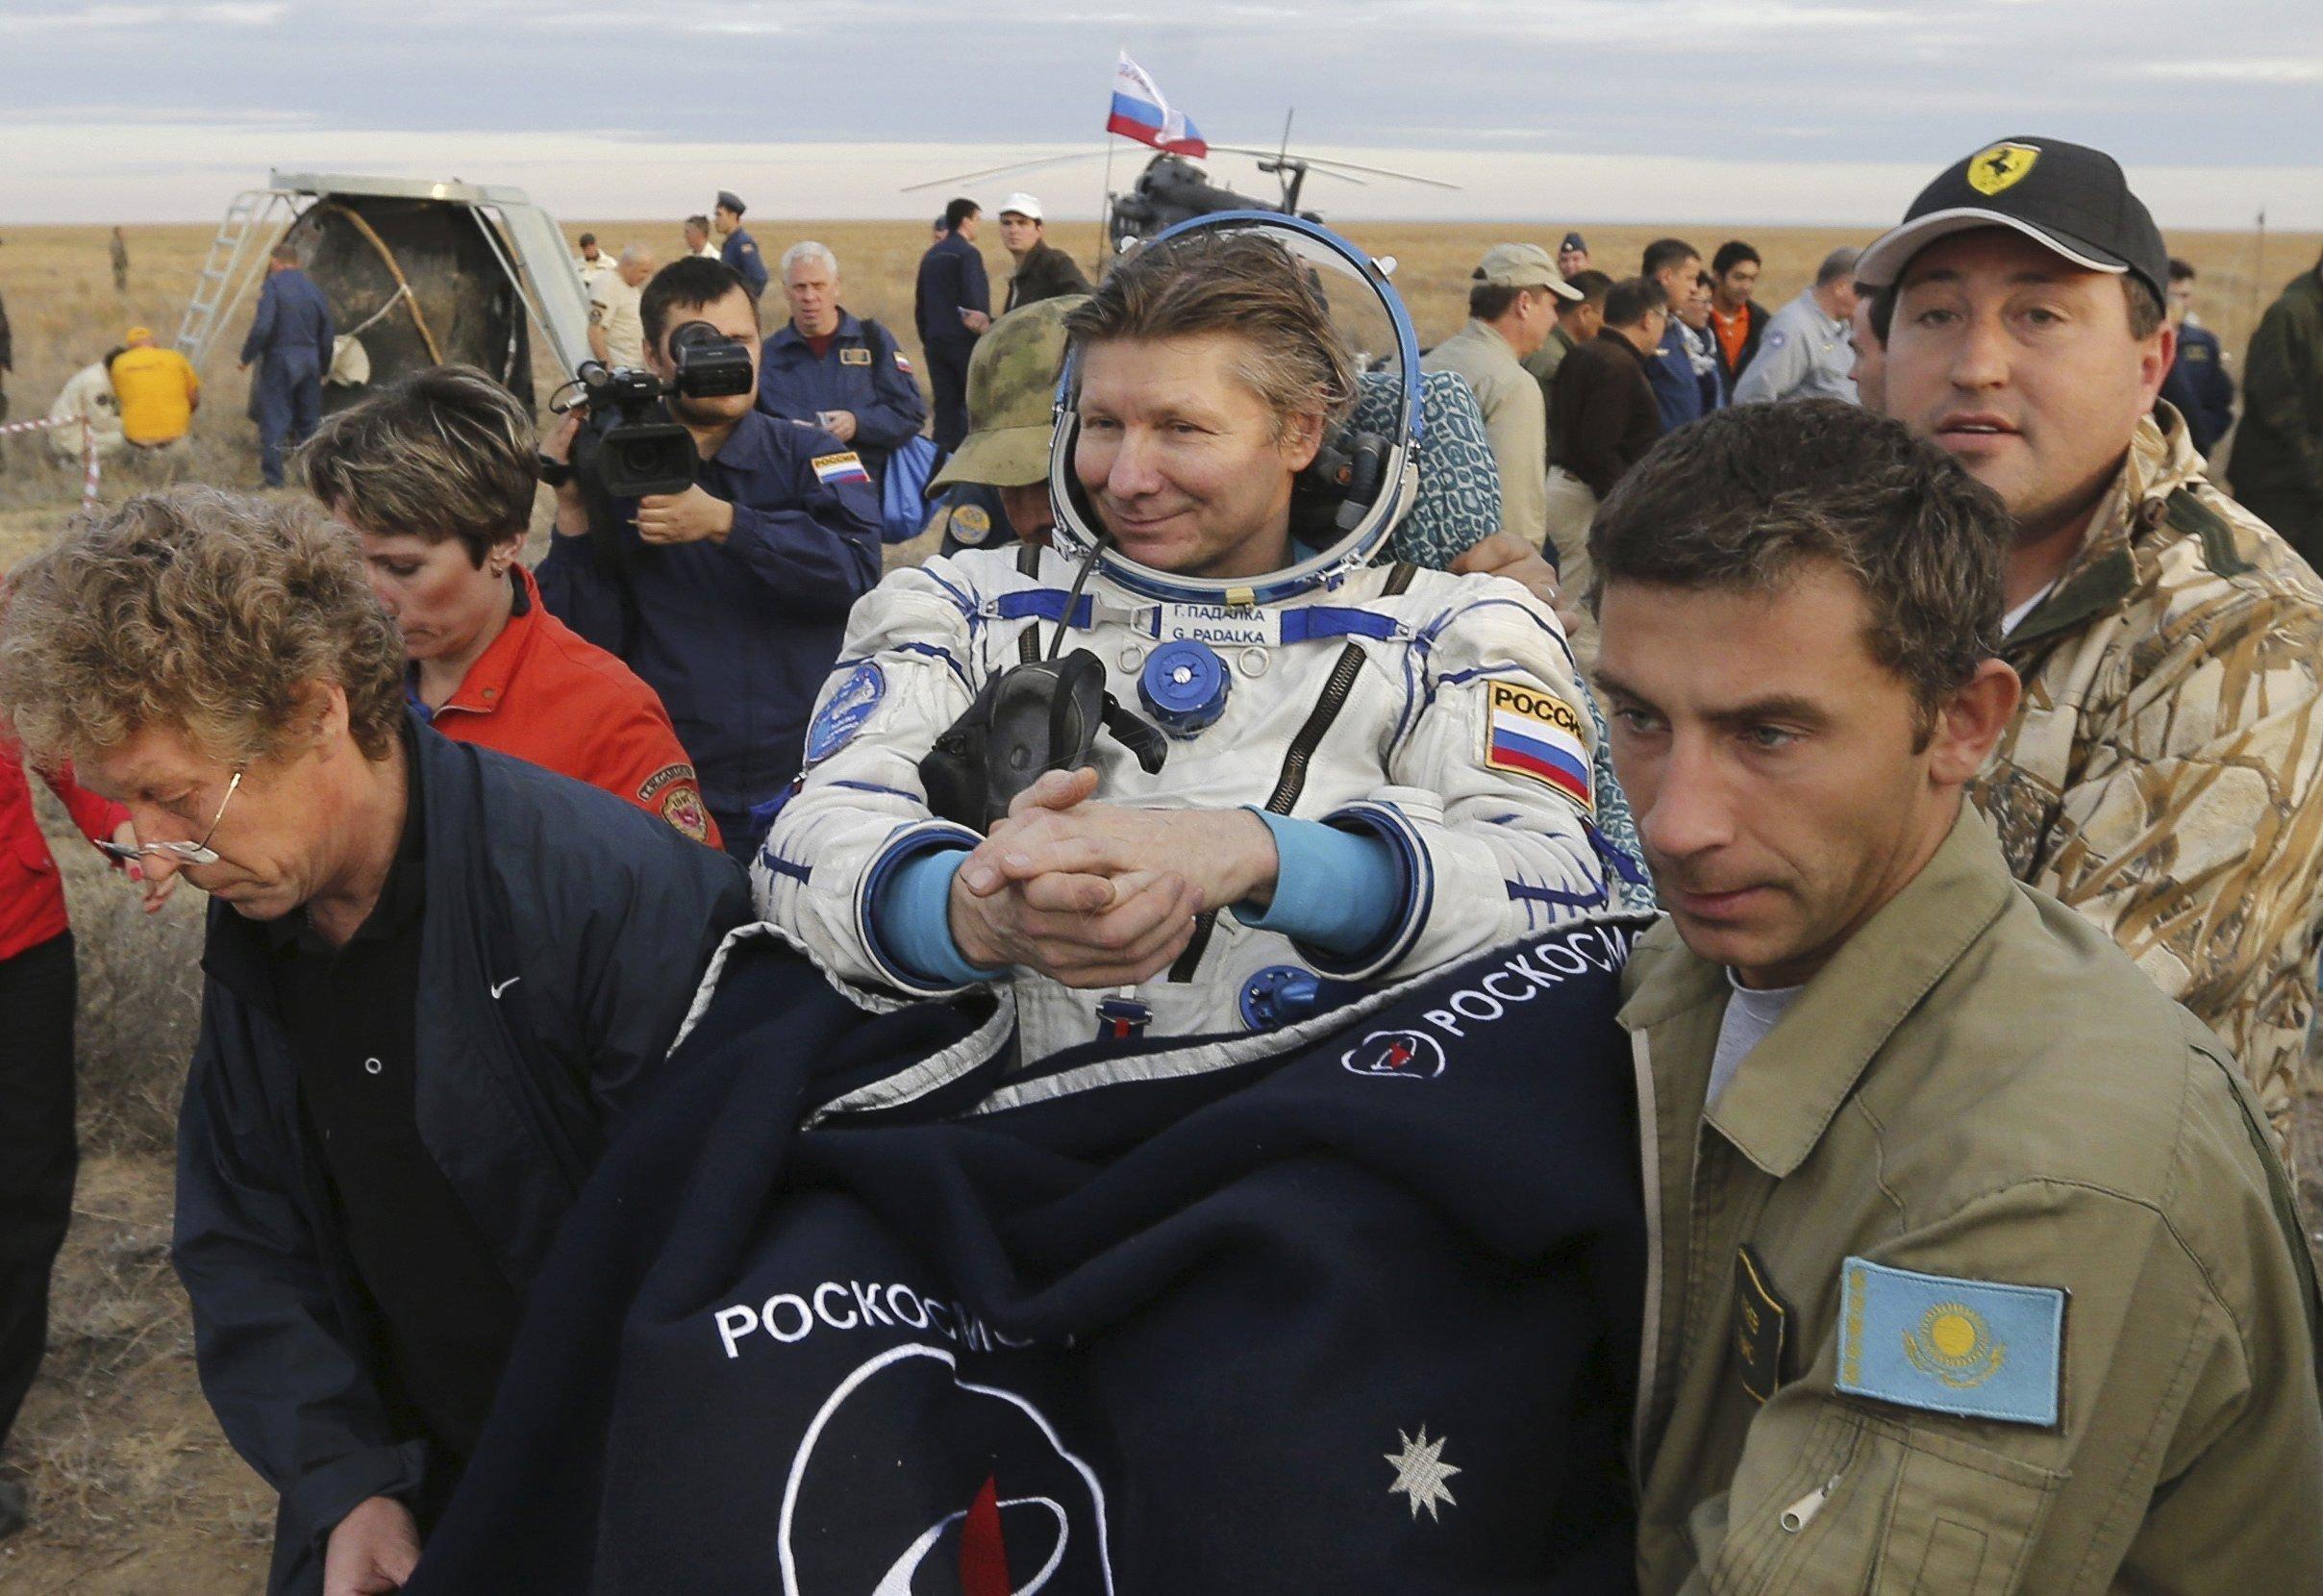 Guennadi Padalka de retour de sa 5ème mission spatiale